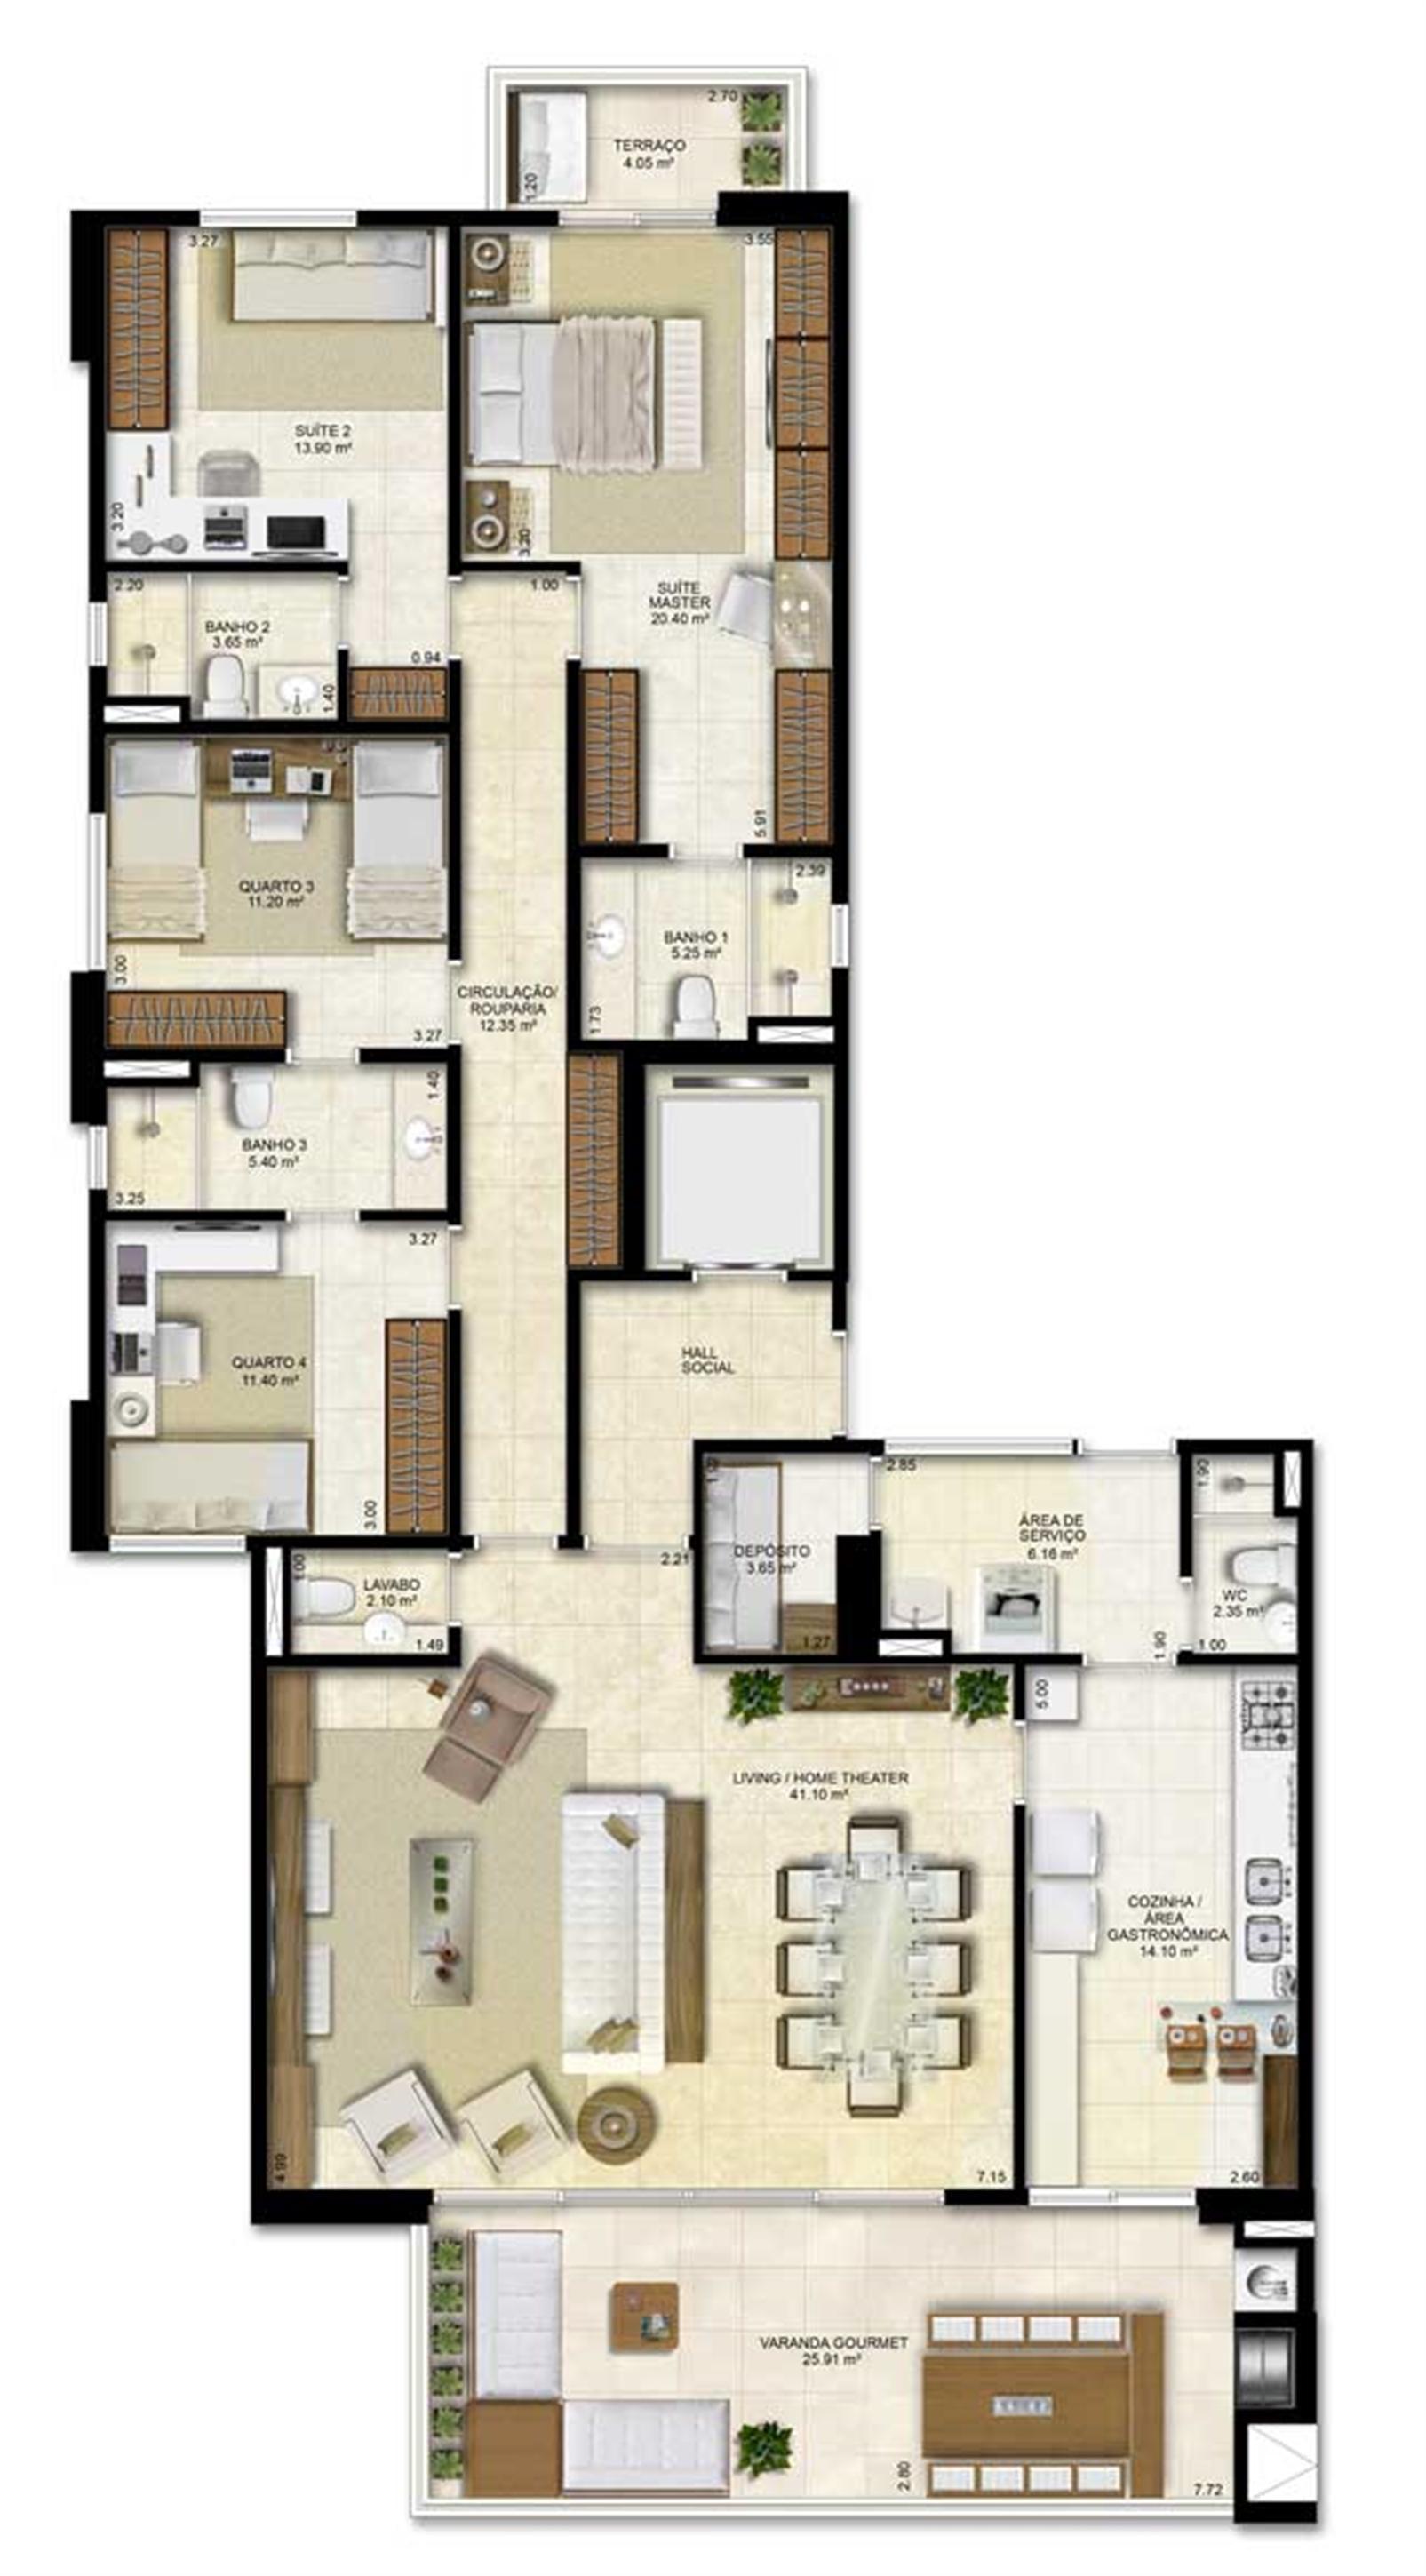 Opção de planta com 3 suítes Suíte master + Banheiro Sr. e Sra - 183 m² de área privativa | Vitrine Umarizal – Apartamentoem  Umarizal  - Belém - Pará